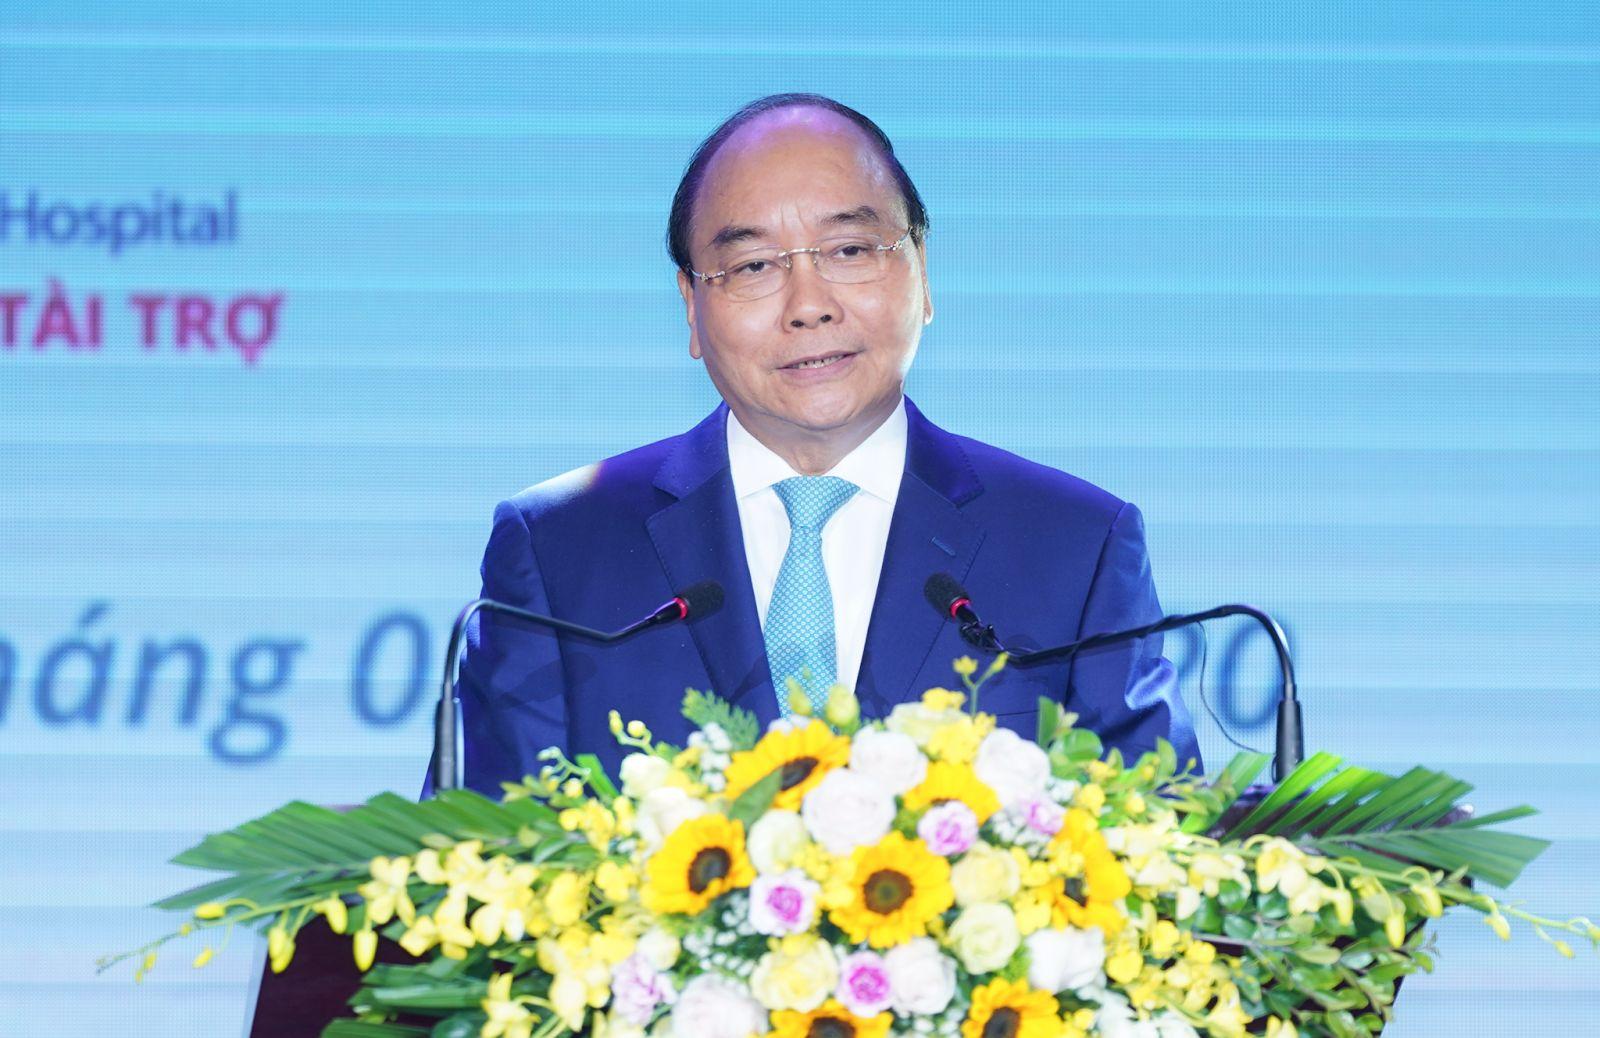 Thủ tướng Nguyễn Xuân Phúc phát biểu tại buổi lễ. Ảnh: VGP/Quang Hiếu